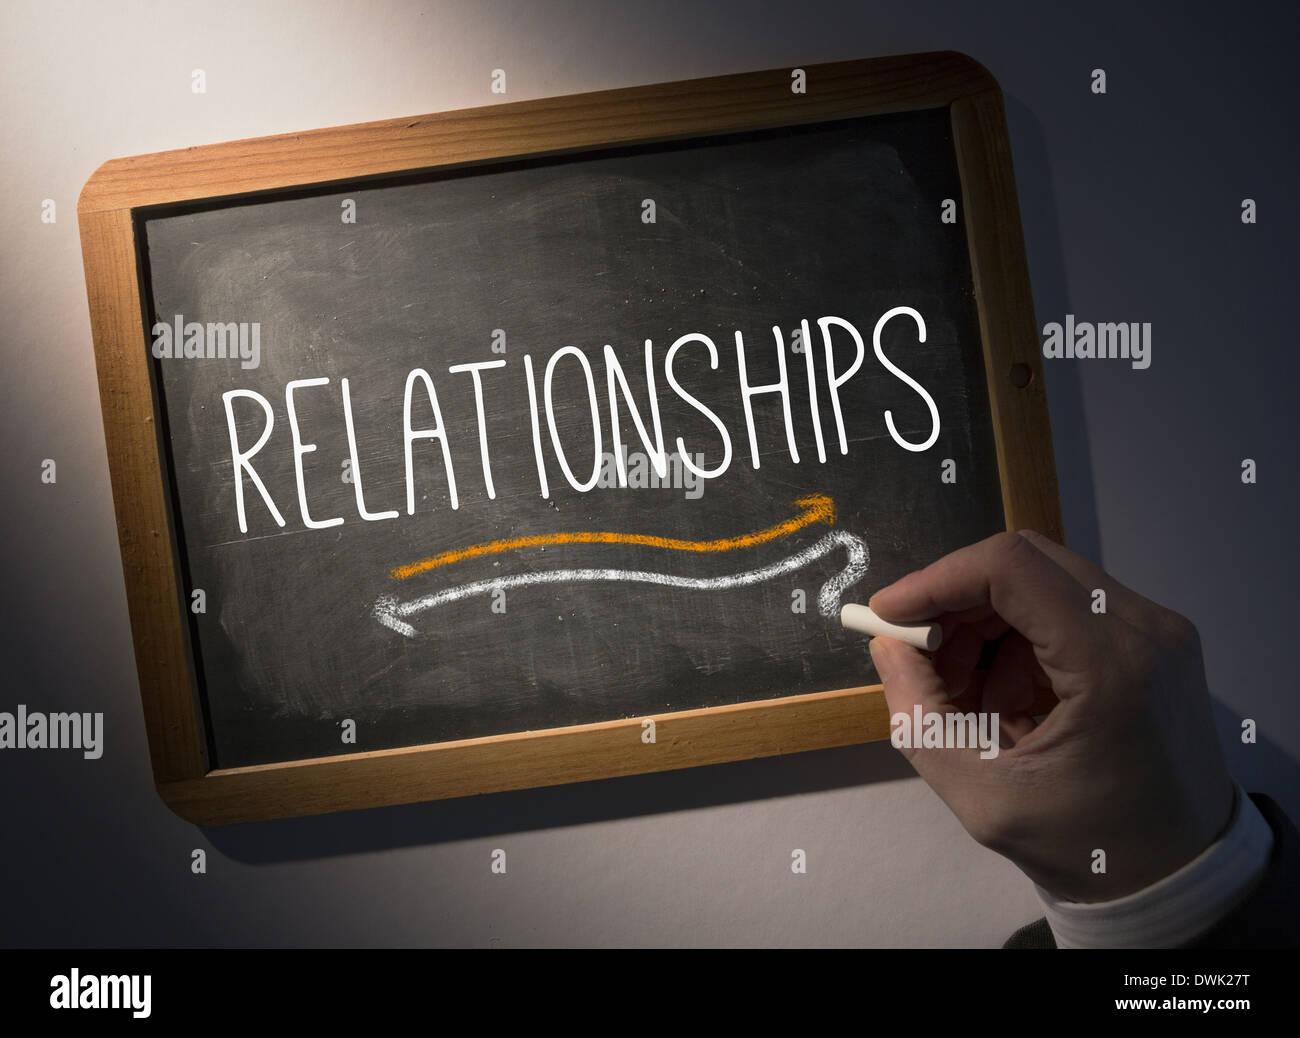 Hand writing Relationships on chalkboard - Stock Image